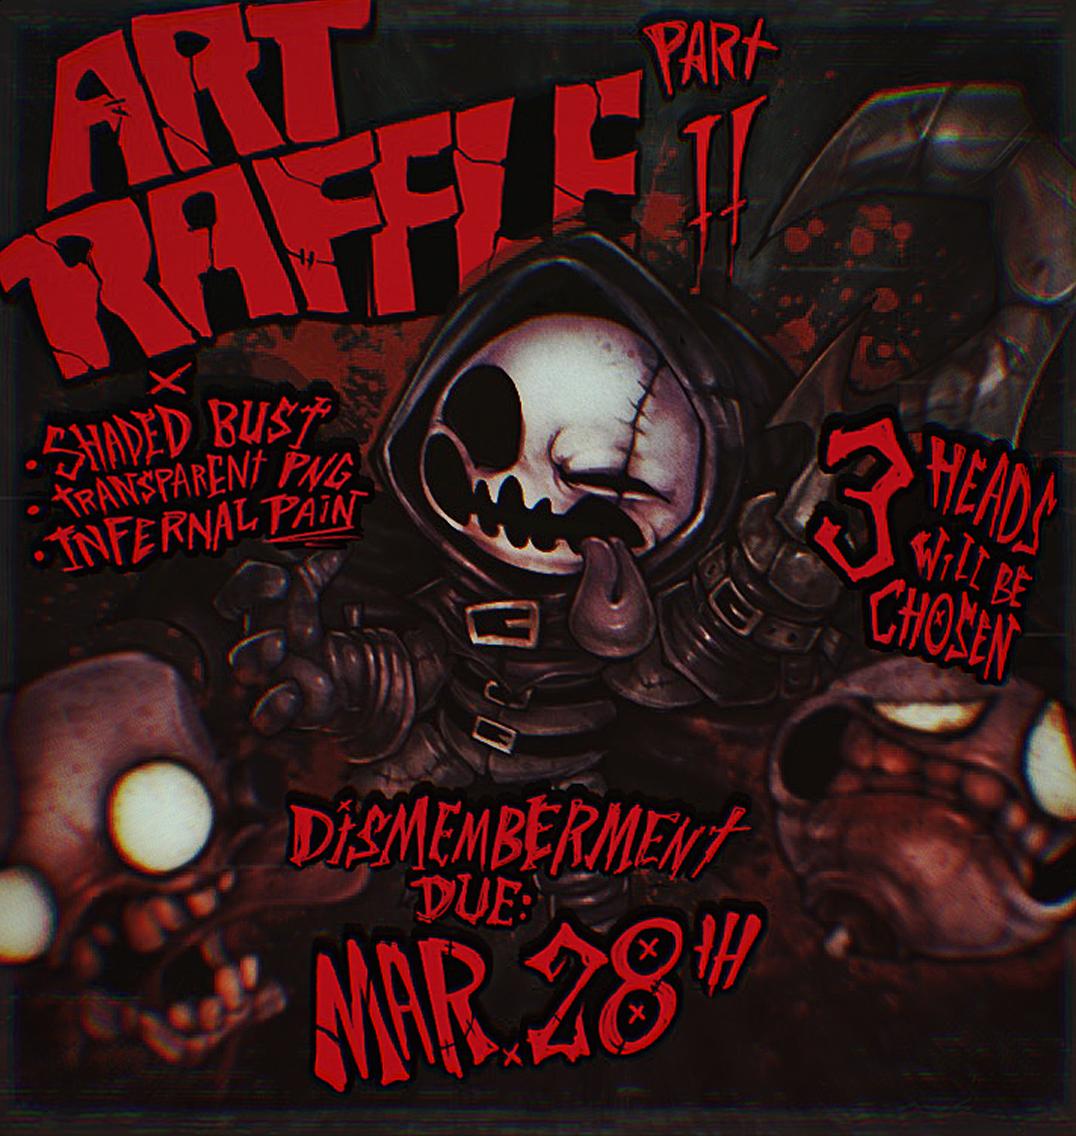 ART RAFFLE II PROMO